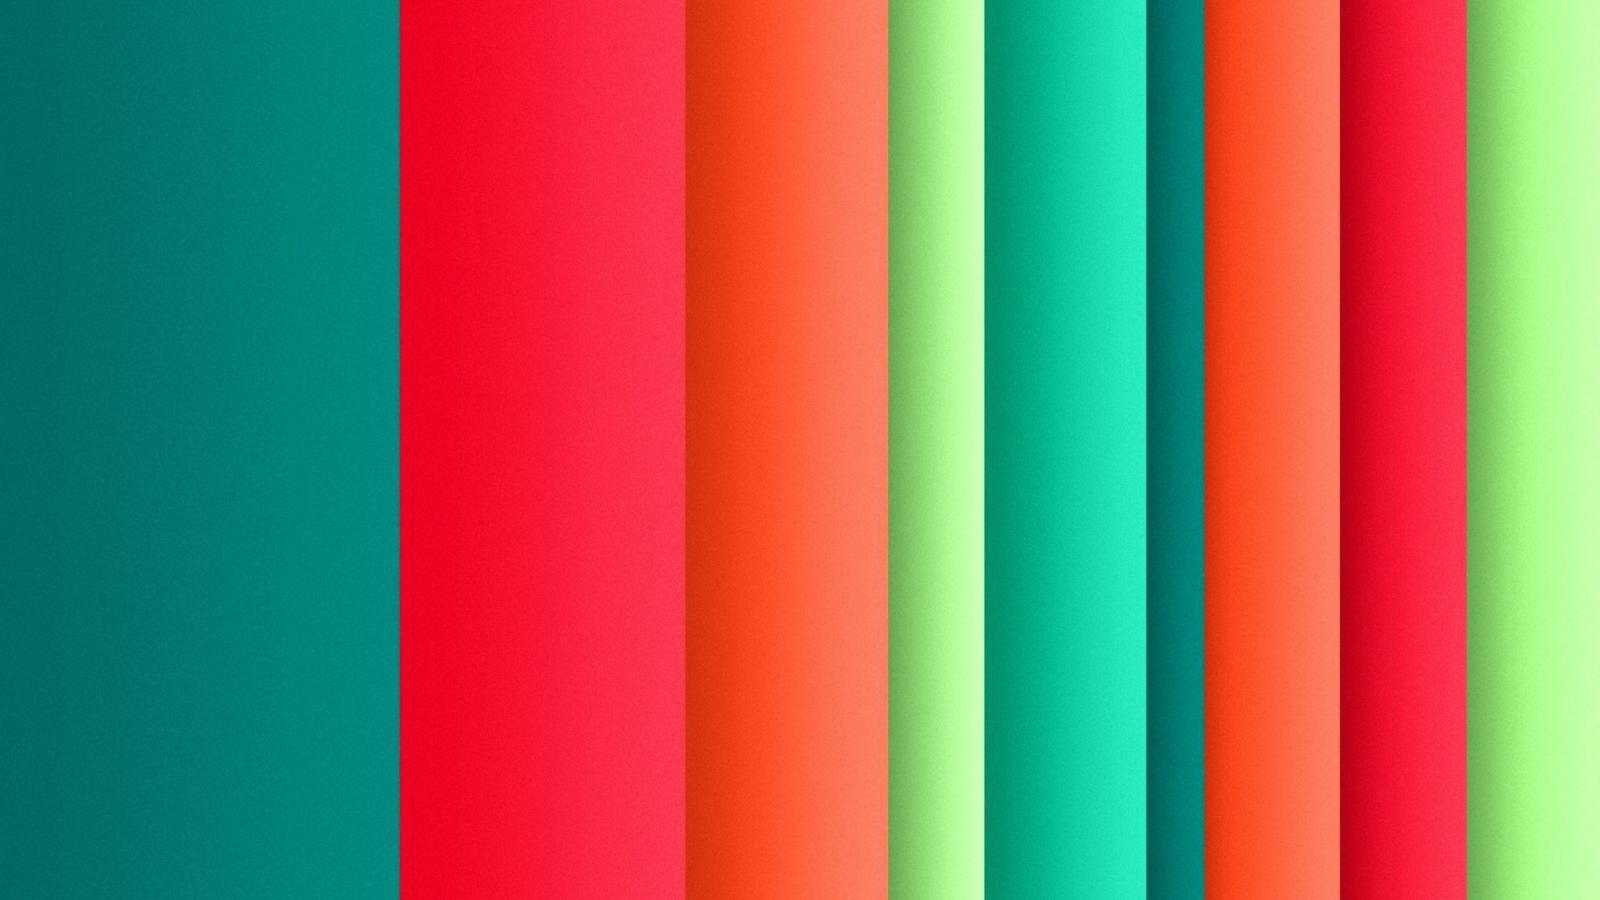 Полосы цветные загрузить